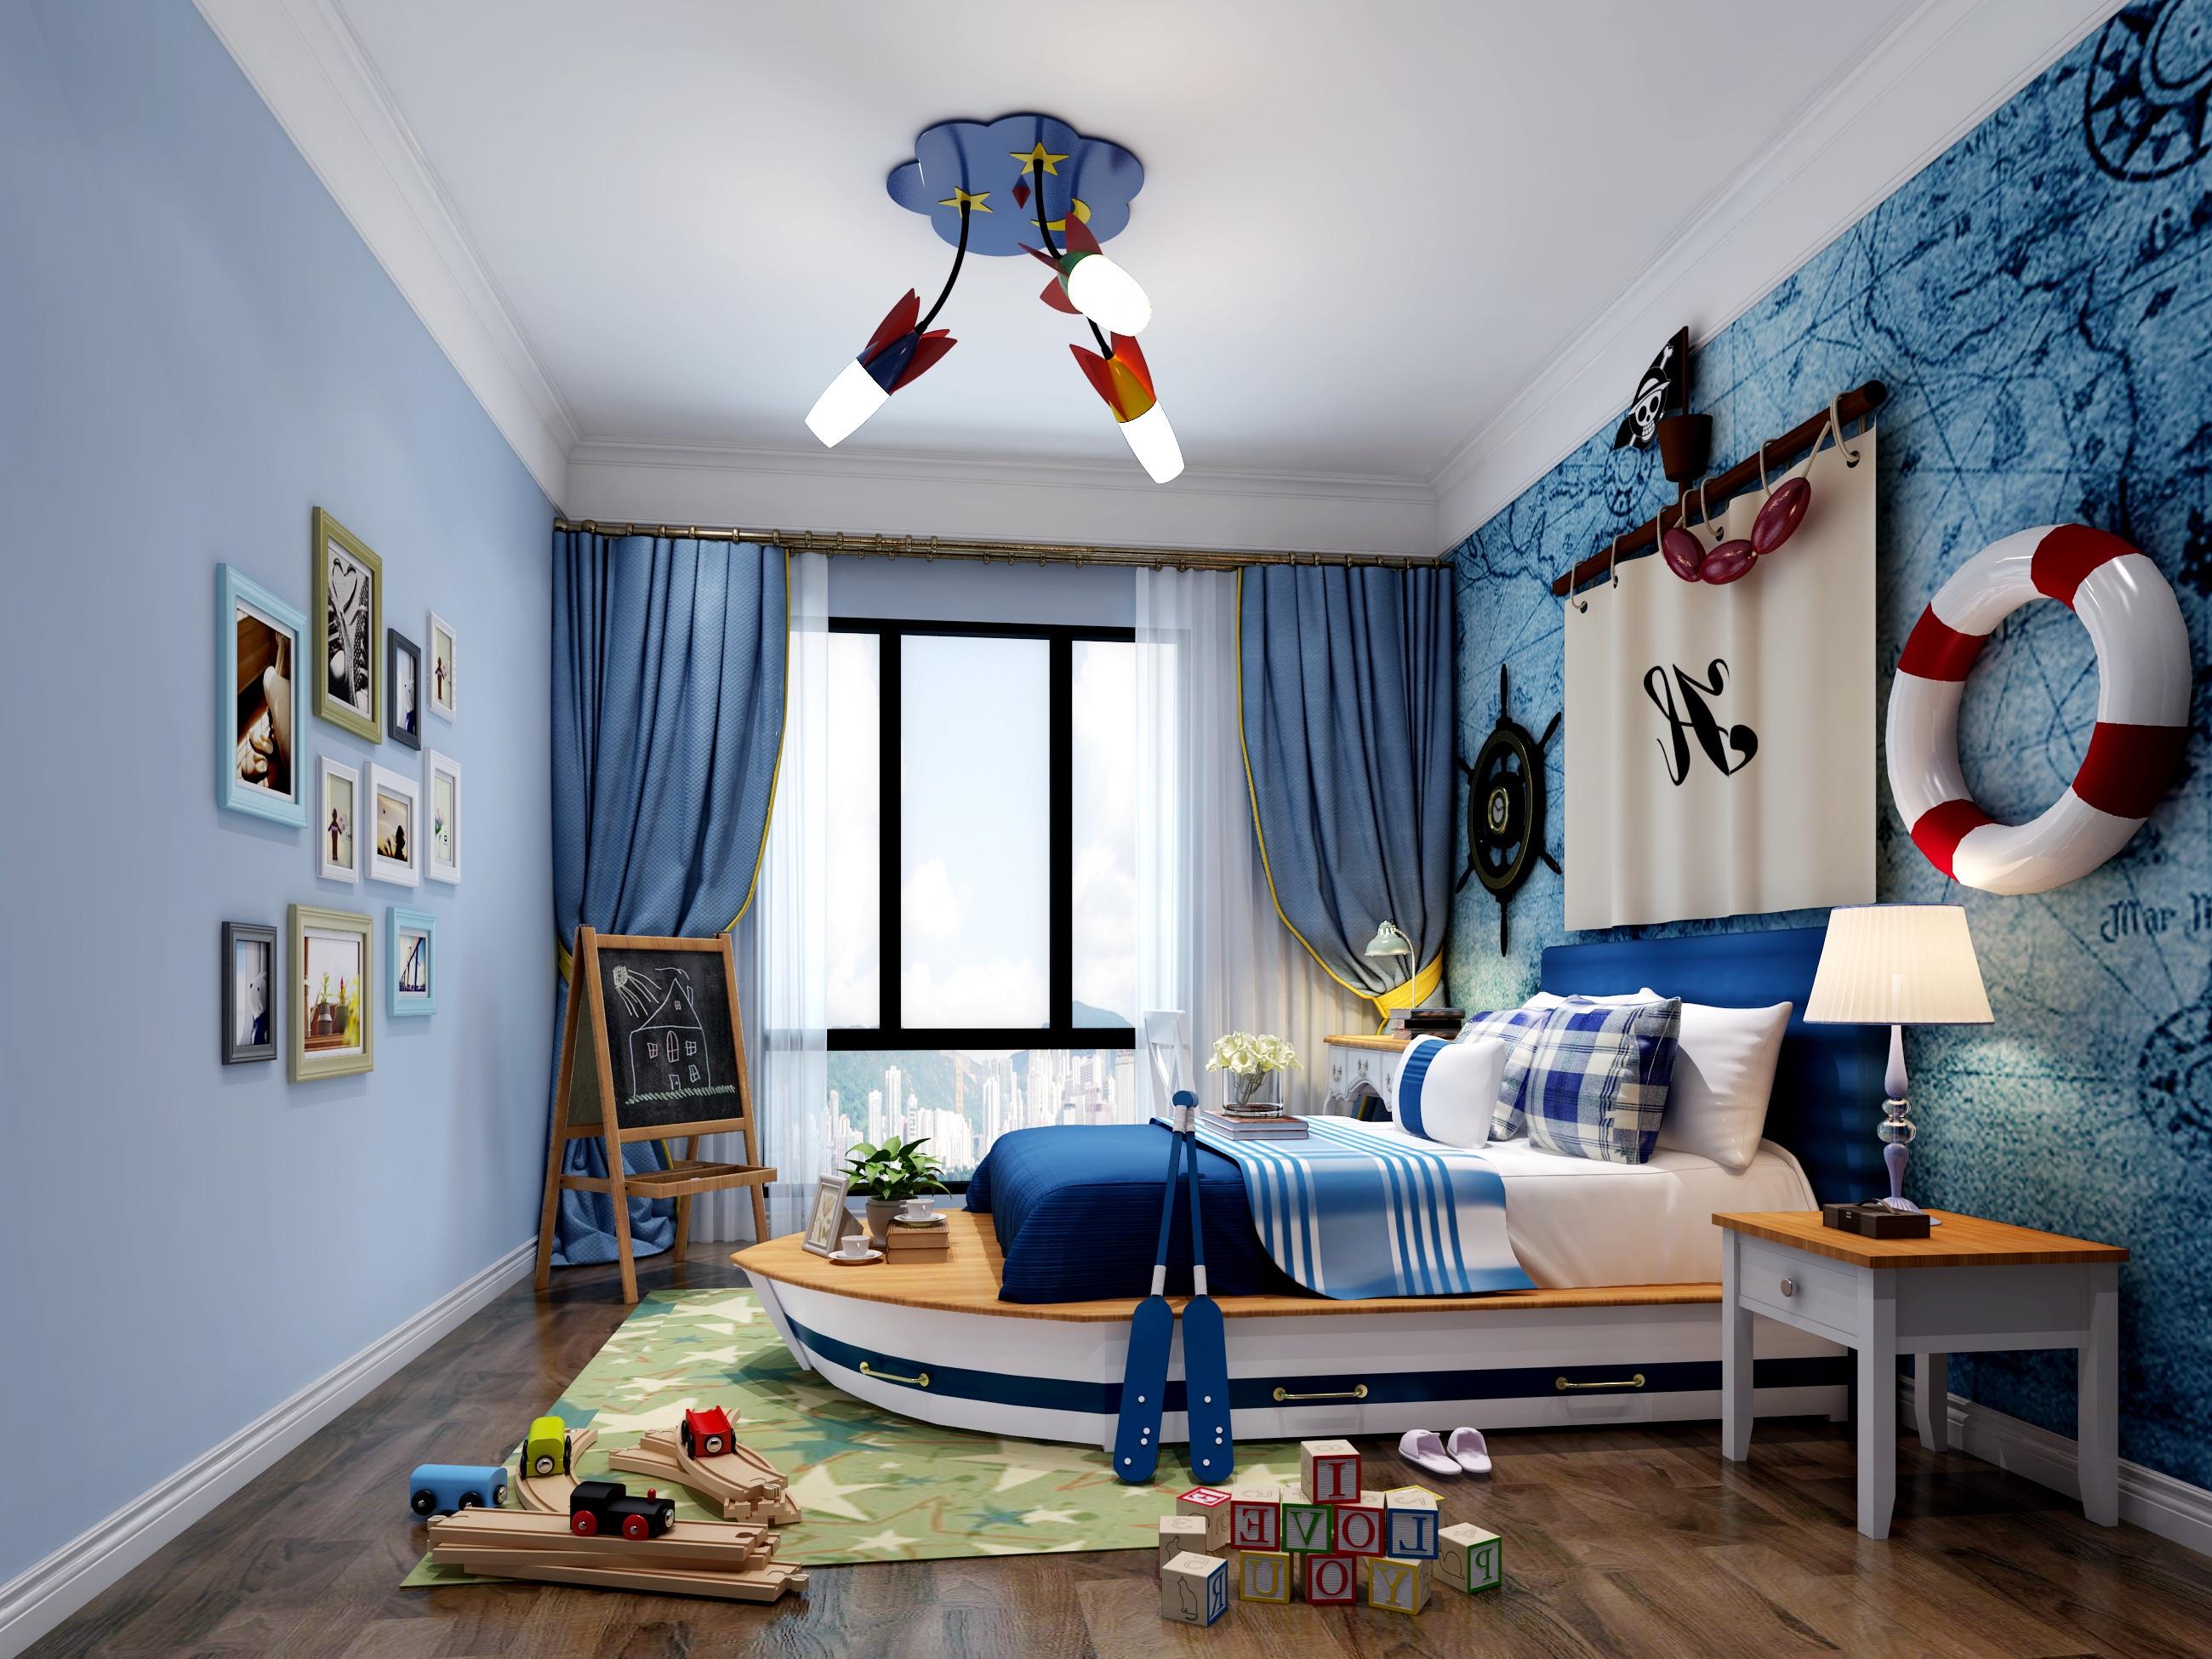 效果图装修设计室内设计自建房家装设计欧式风格新房装修二手房